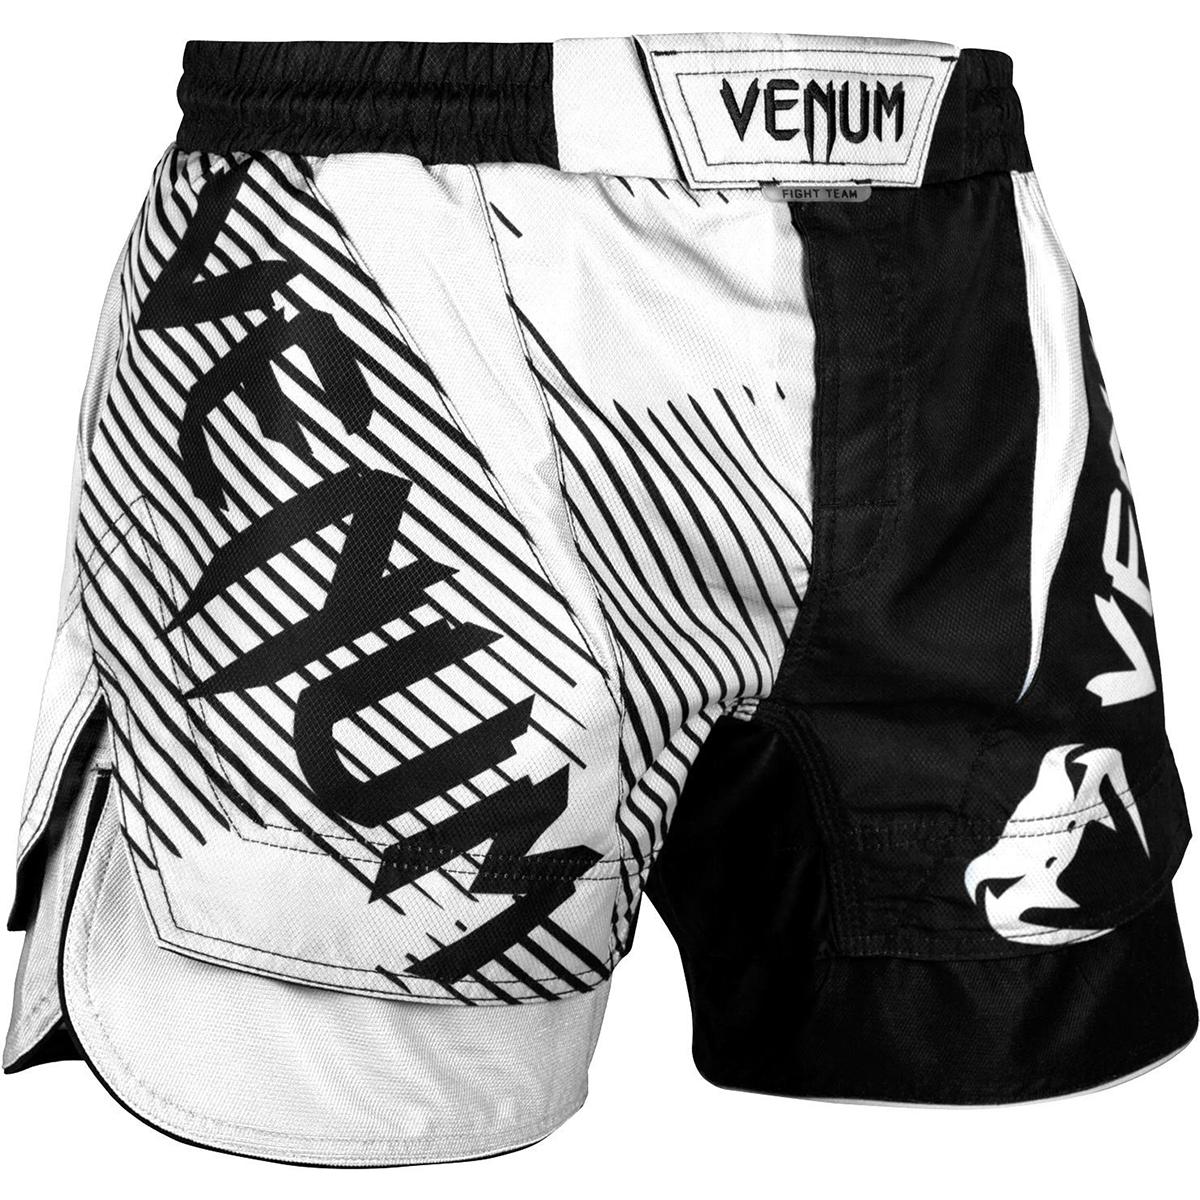 Venum Okinawa 2.0 Compression Shorts Black//White